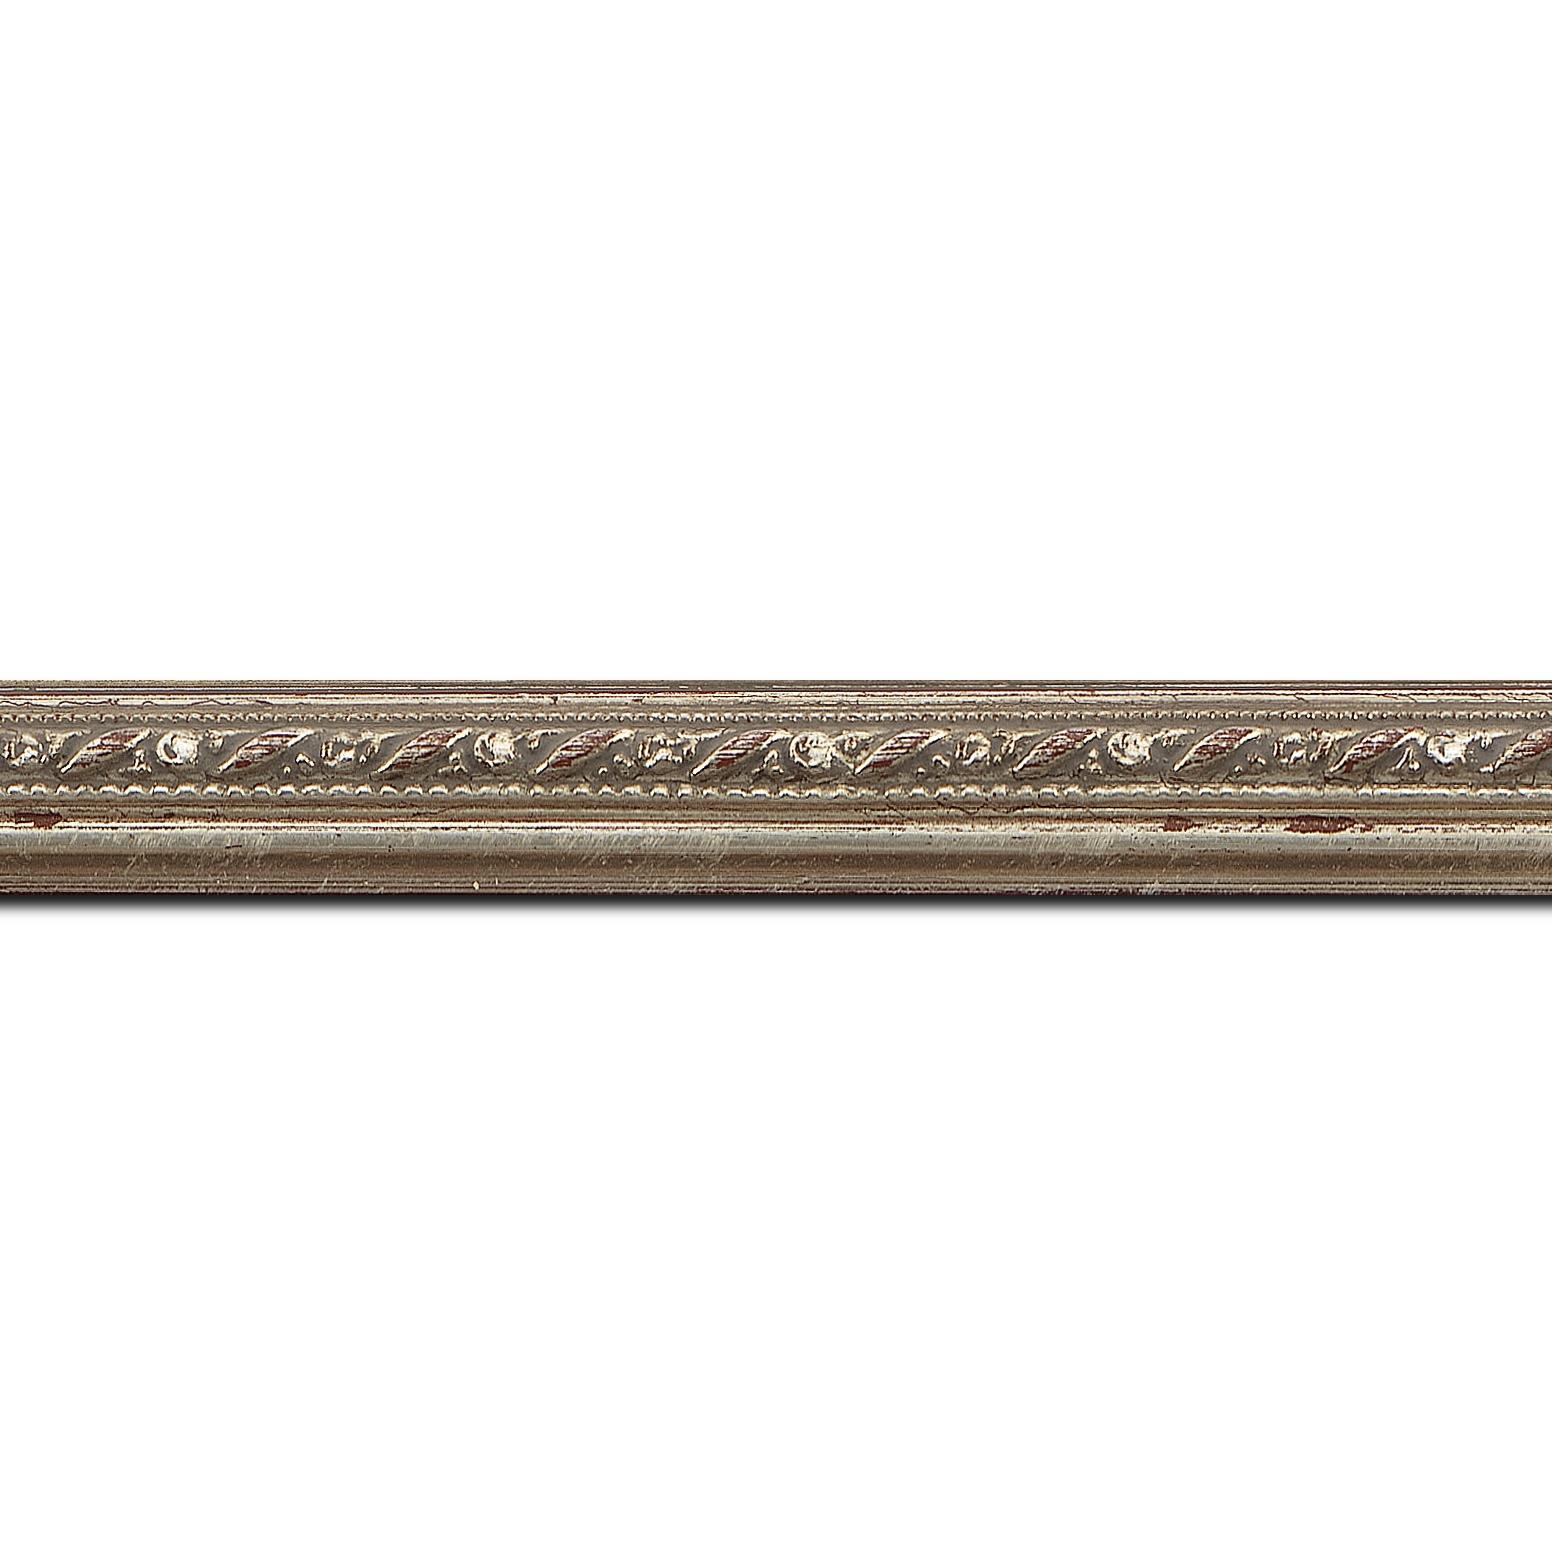 Pack par 12m, bois profil bombé largeur 2cm argent antique style (longueur baguette pouvant varier entre 2.40m et 3m selon arrivage des bois)